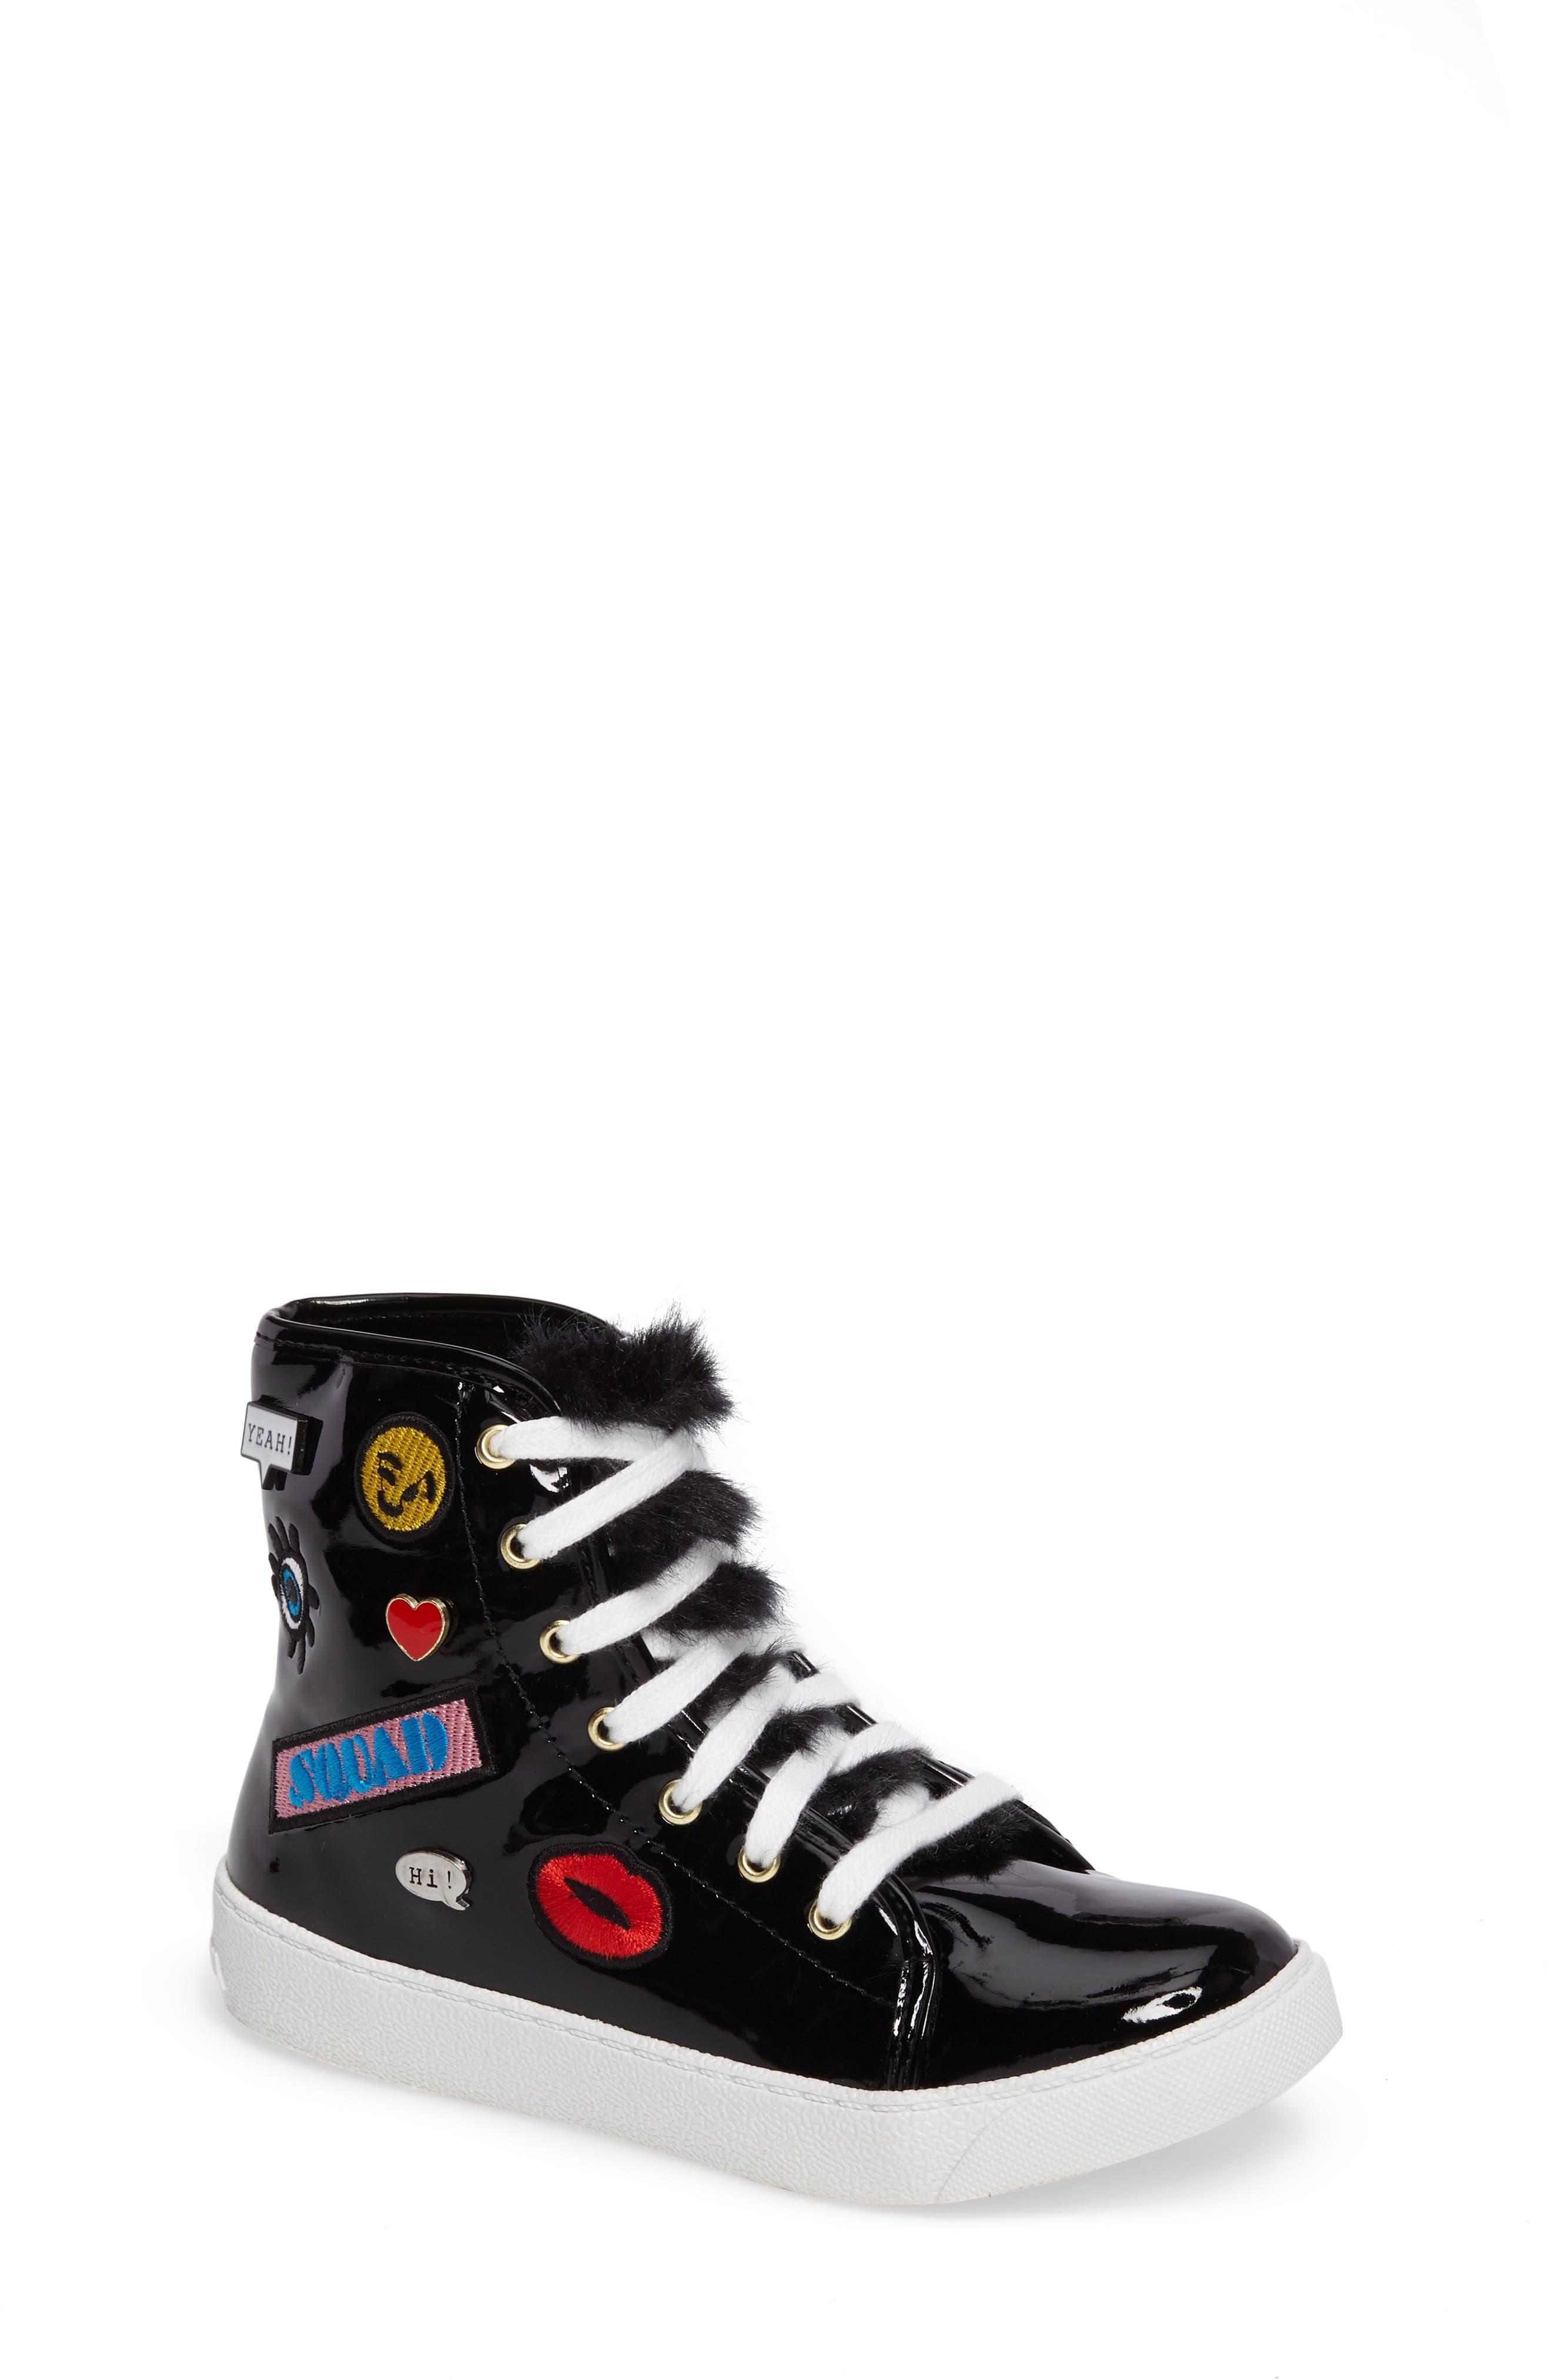 Harriet Heidi High-Top Sneaker,                         Main,                         color, 001